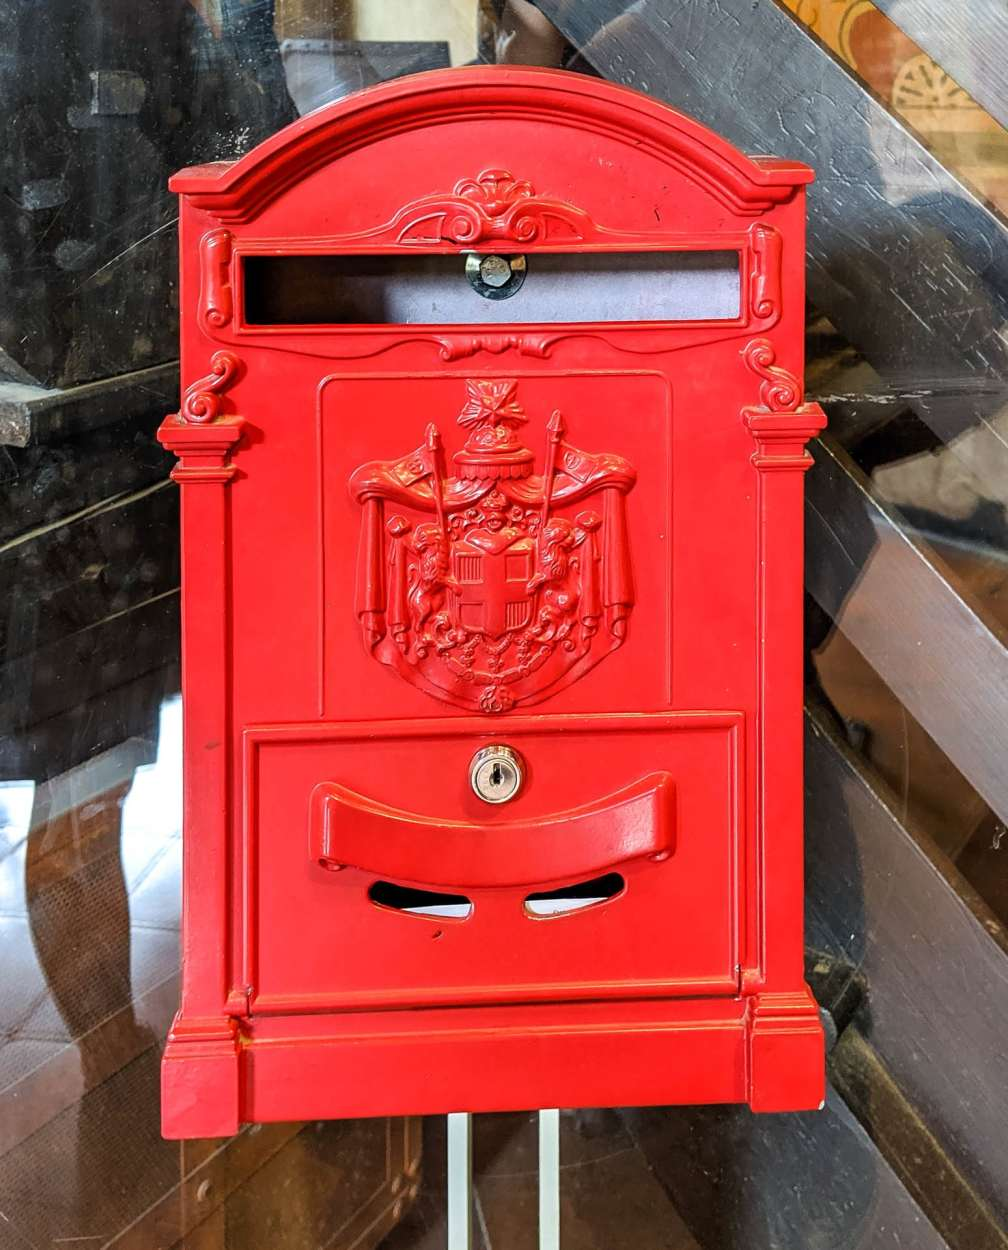 Juliet's House mailbox